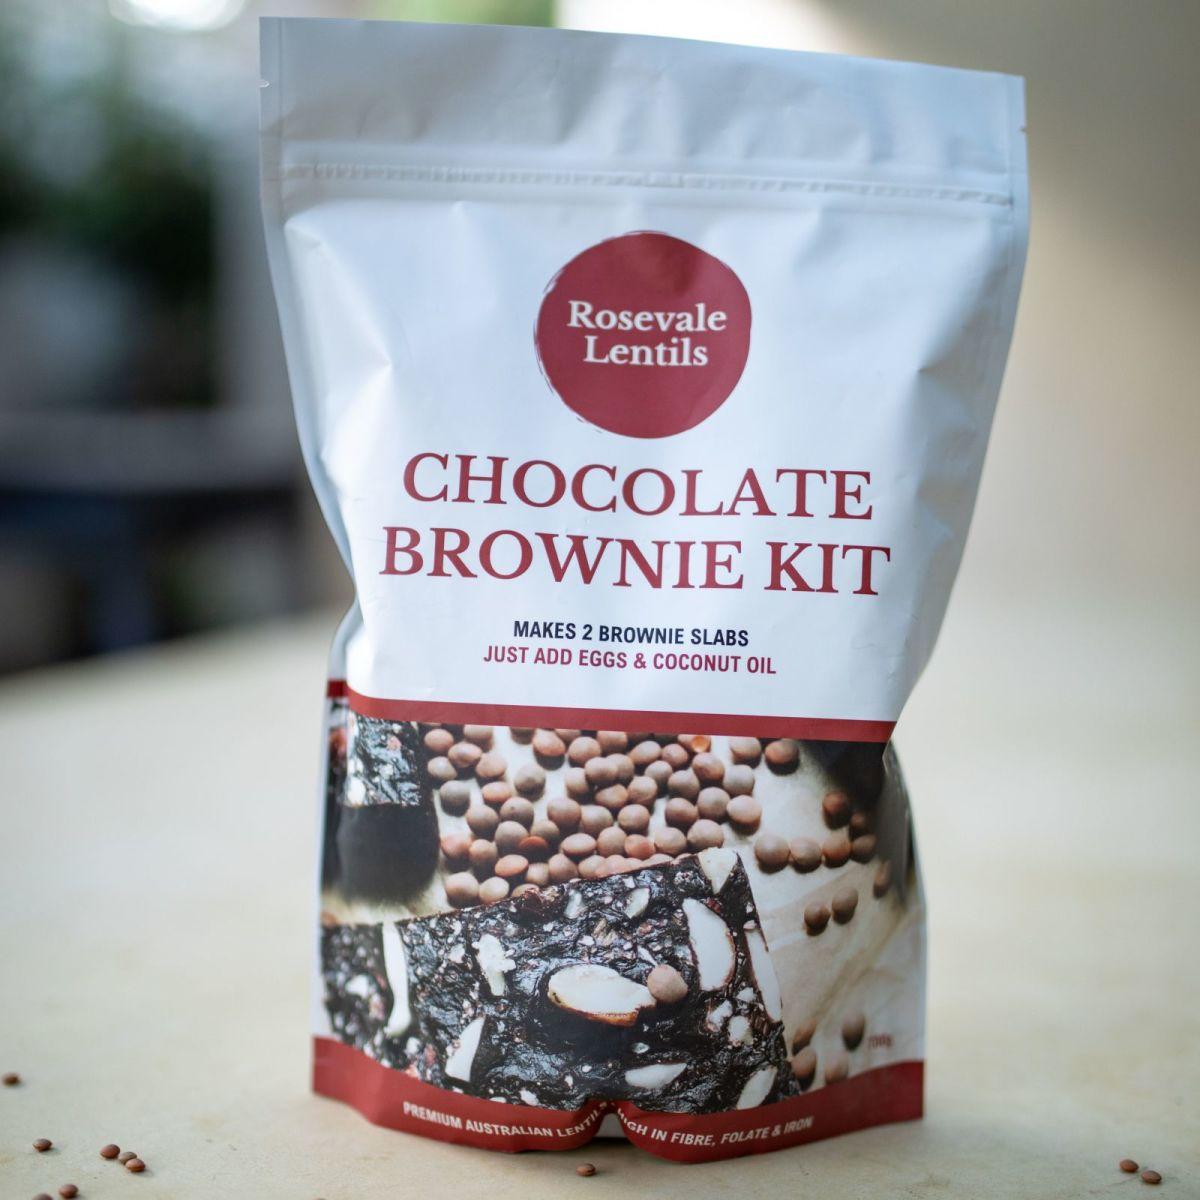 Rosevale Lentils - Chocolate Brownie Kit